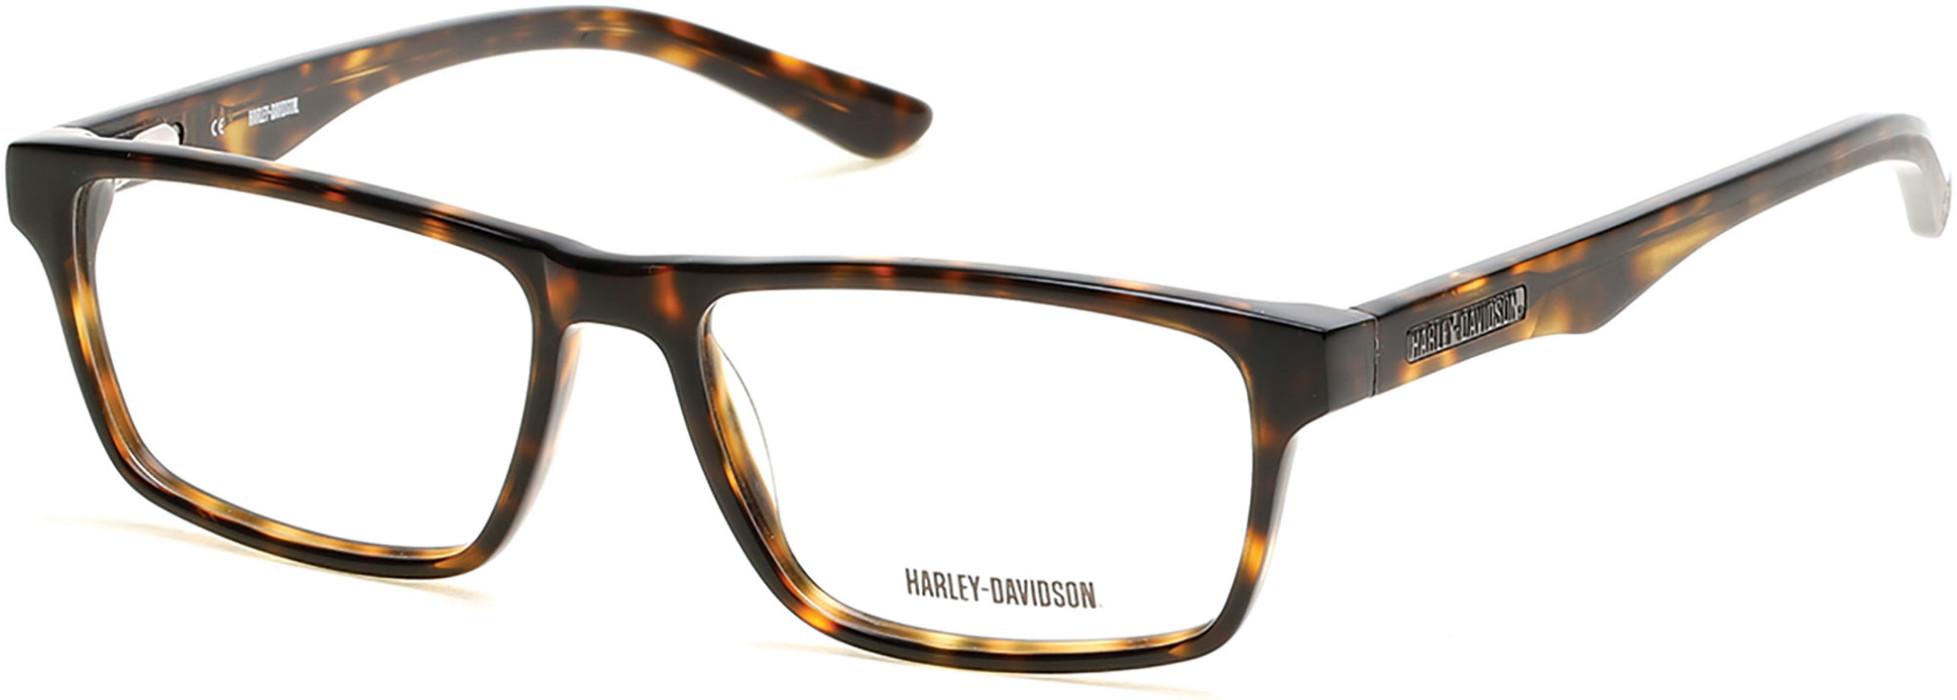 HARLEY-DAVIDSON HD0727